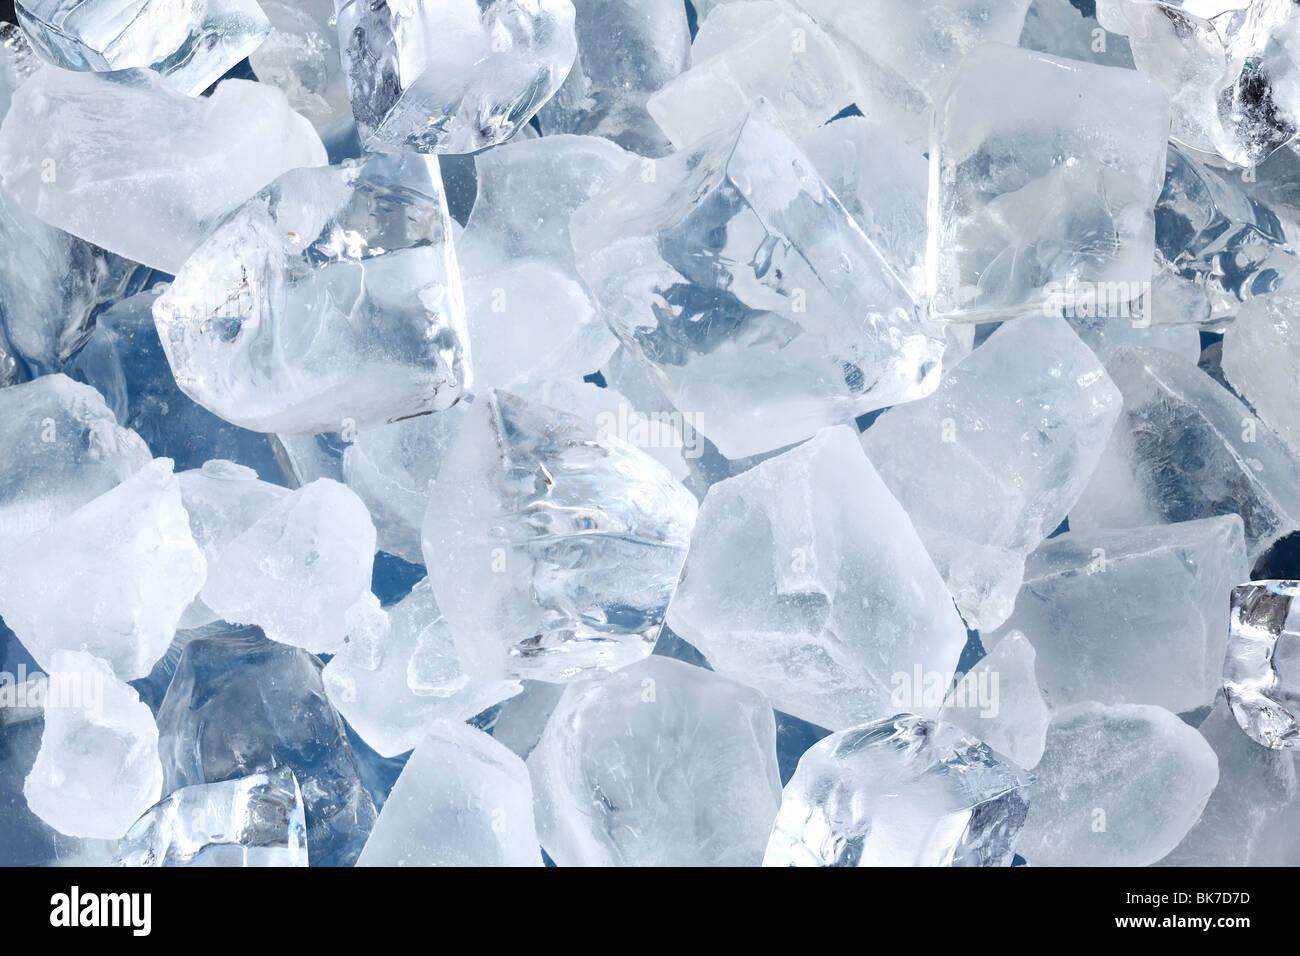 Contexte sous la forme de cubes de glace Photo Stock